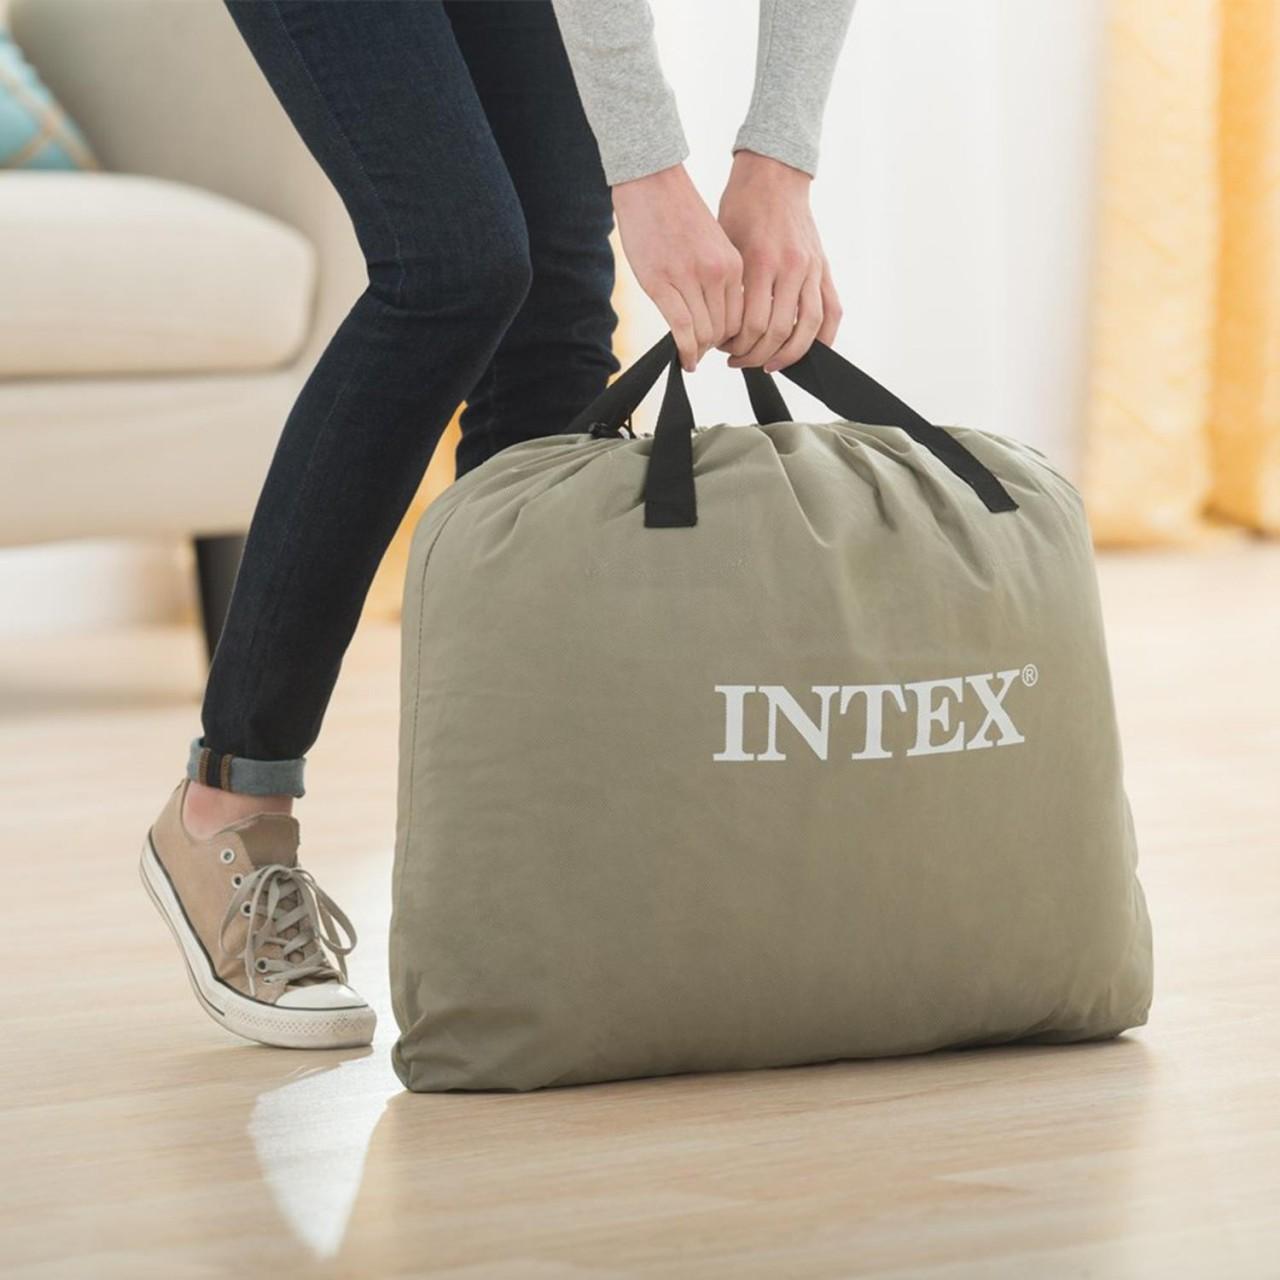 Intex Luftbett Comfort mit Pumpe Gästebett Luftmatratze 203x152x56cm Queen 64418